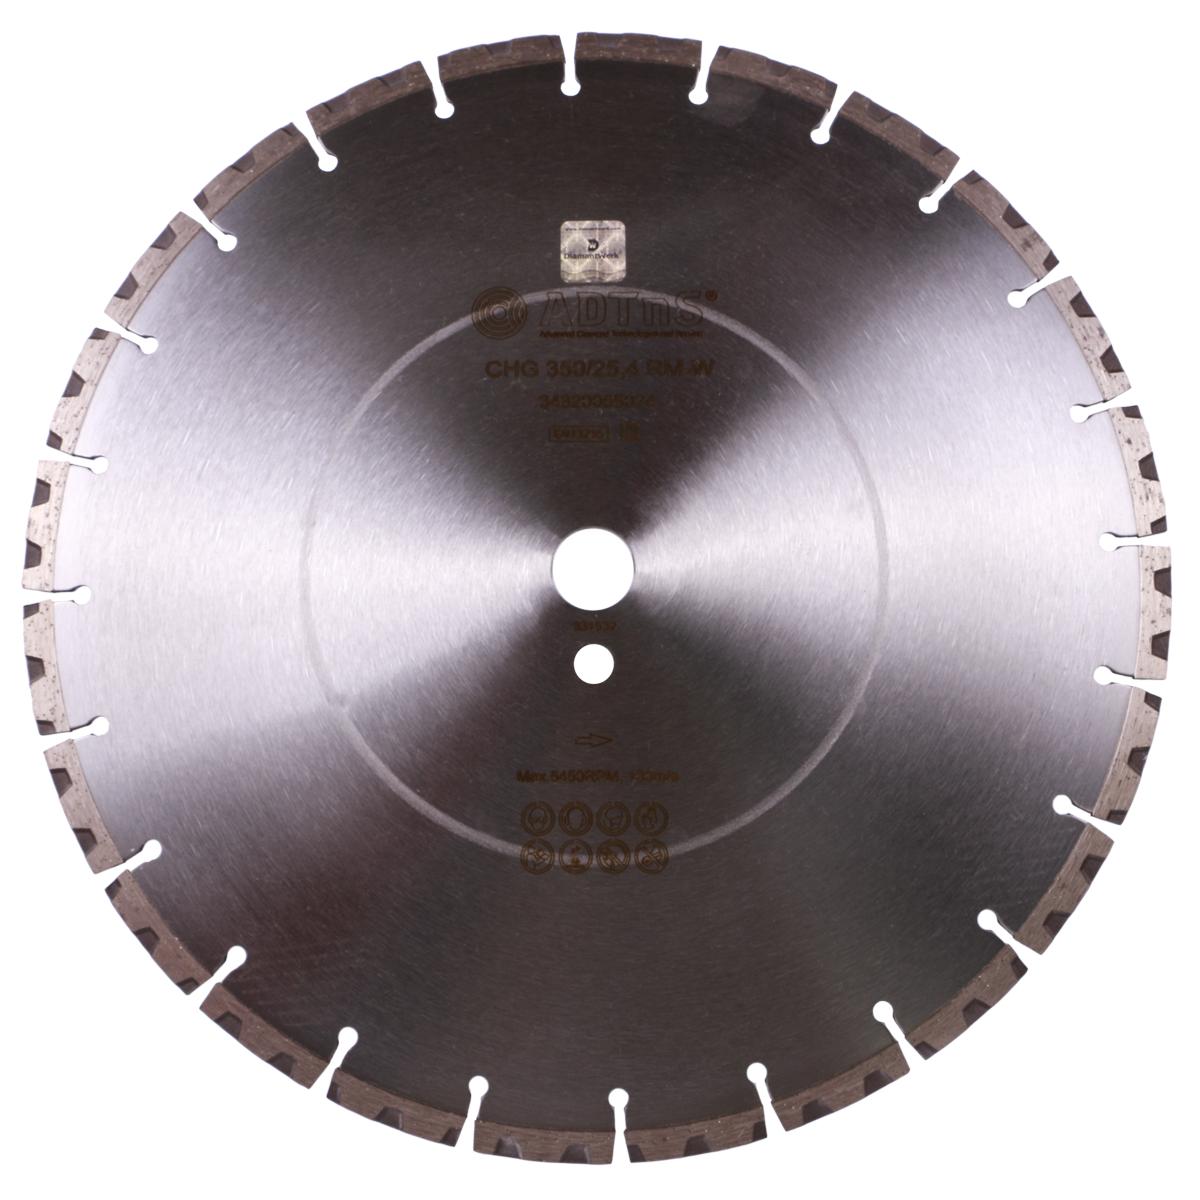 Круг алмазний відрізний 1A1RSS / C3-H 350x3,5 / 2,5x10x25,4-24 F4 CHG 350 / 25,4 RM-W